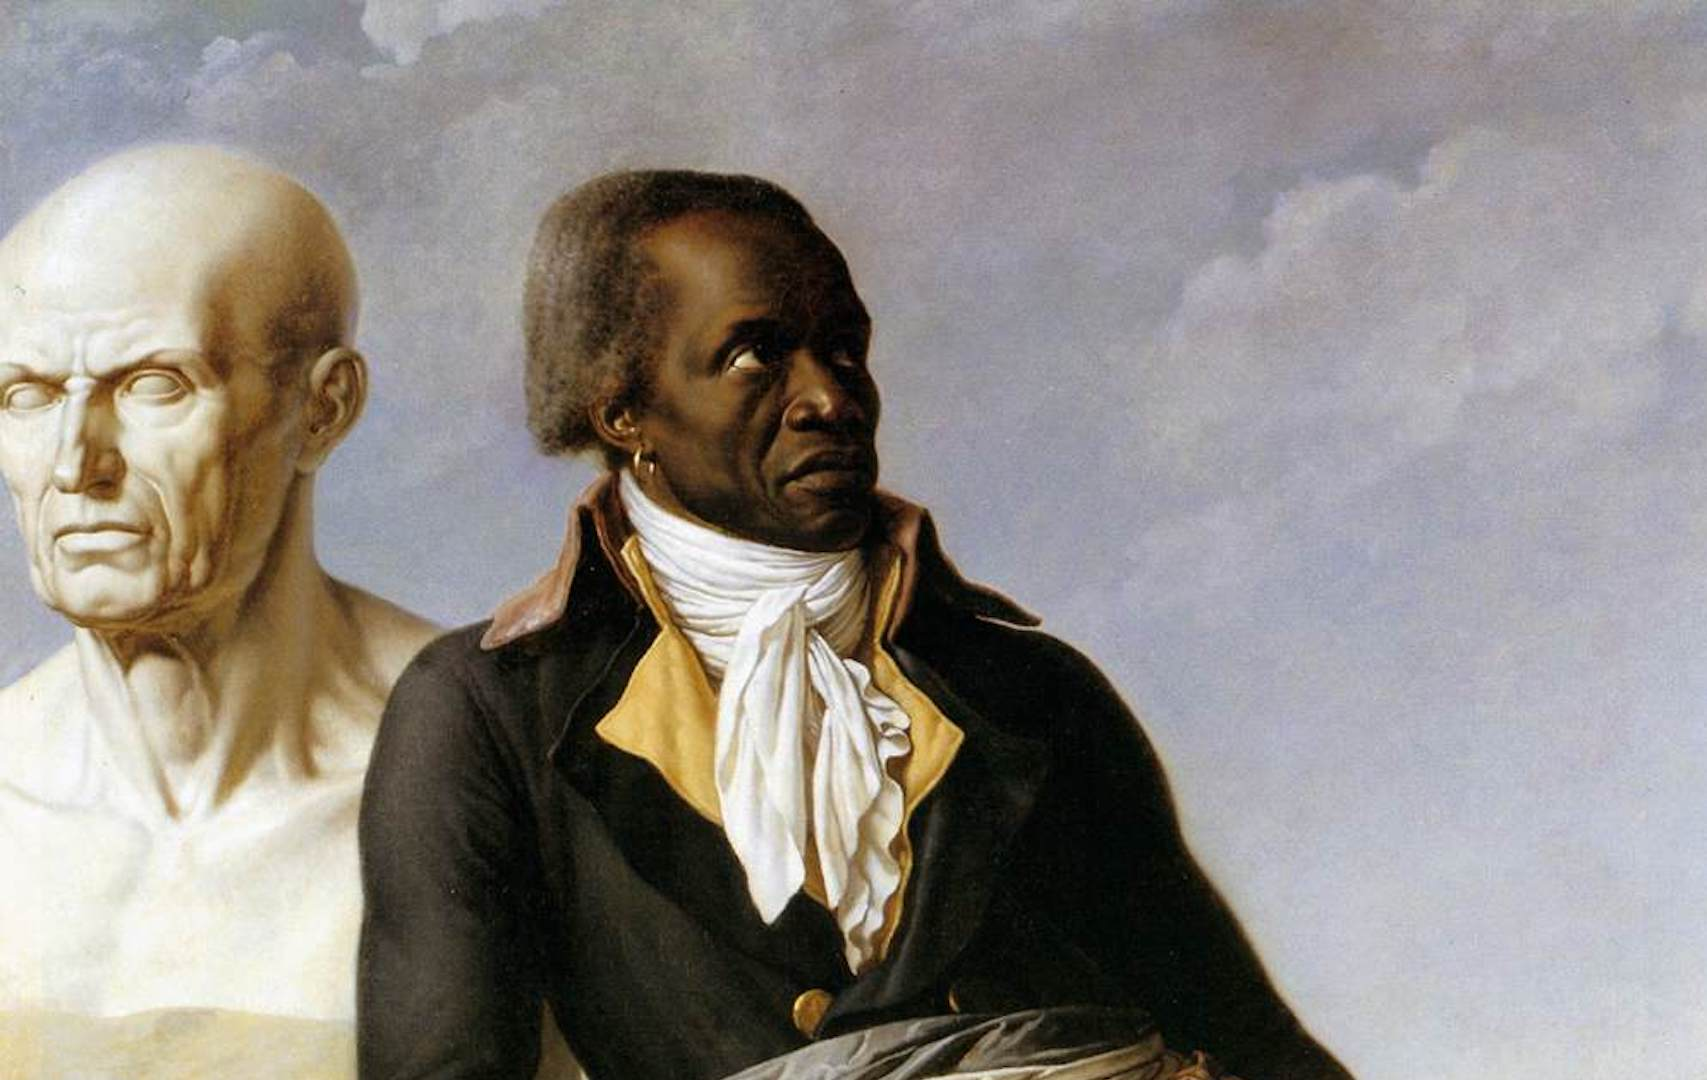 Anne-Louis Girodet de Roucy-Triosson (French, 1767–1824). Portrait of Jean-Baptiste Belley, 1797. Oil on canvas; 159 x 111 cm (62.5 x 43.7 in). Versailles: Musée du Château, MV 4616. Source: Ministère de la Culture